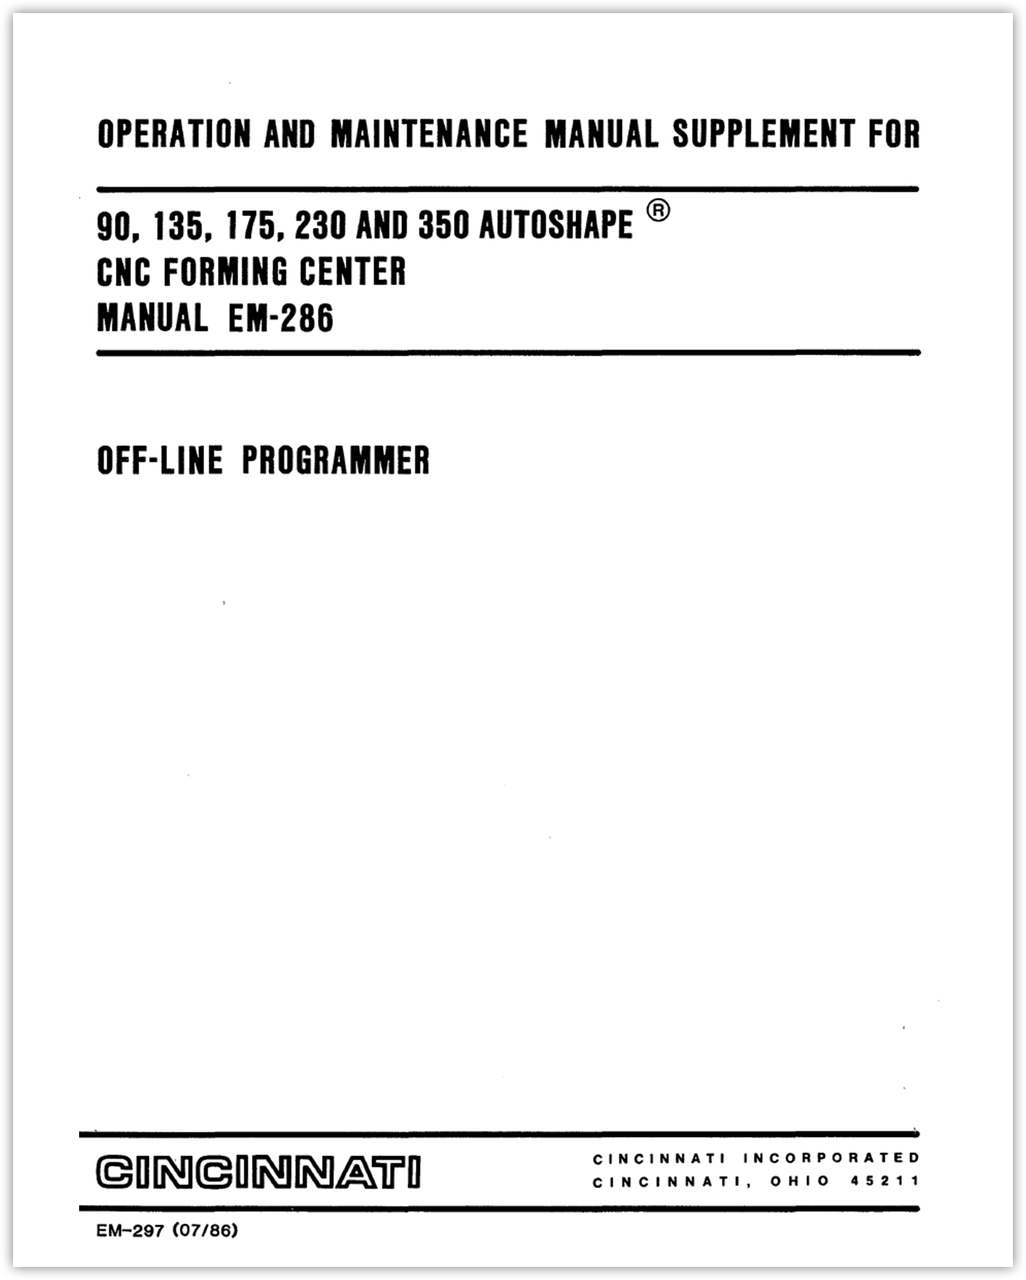 EM-297 (07-86) AUTOSHAPE Offline Programmer